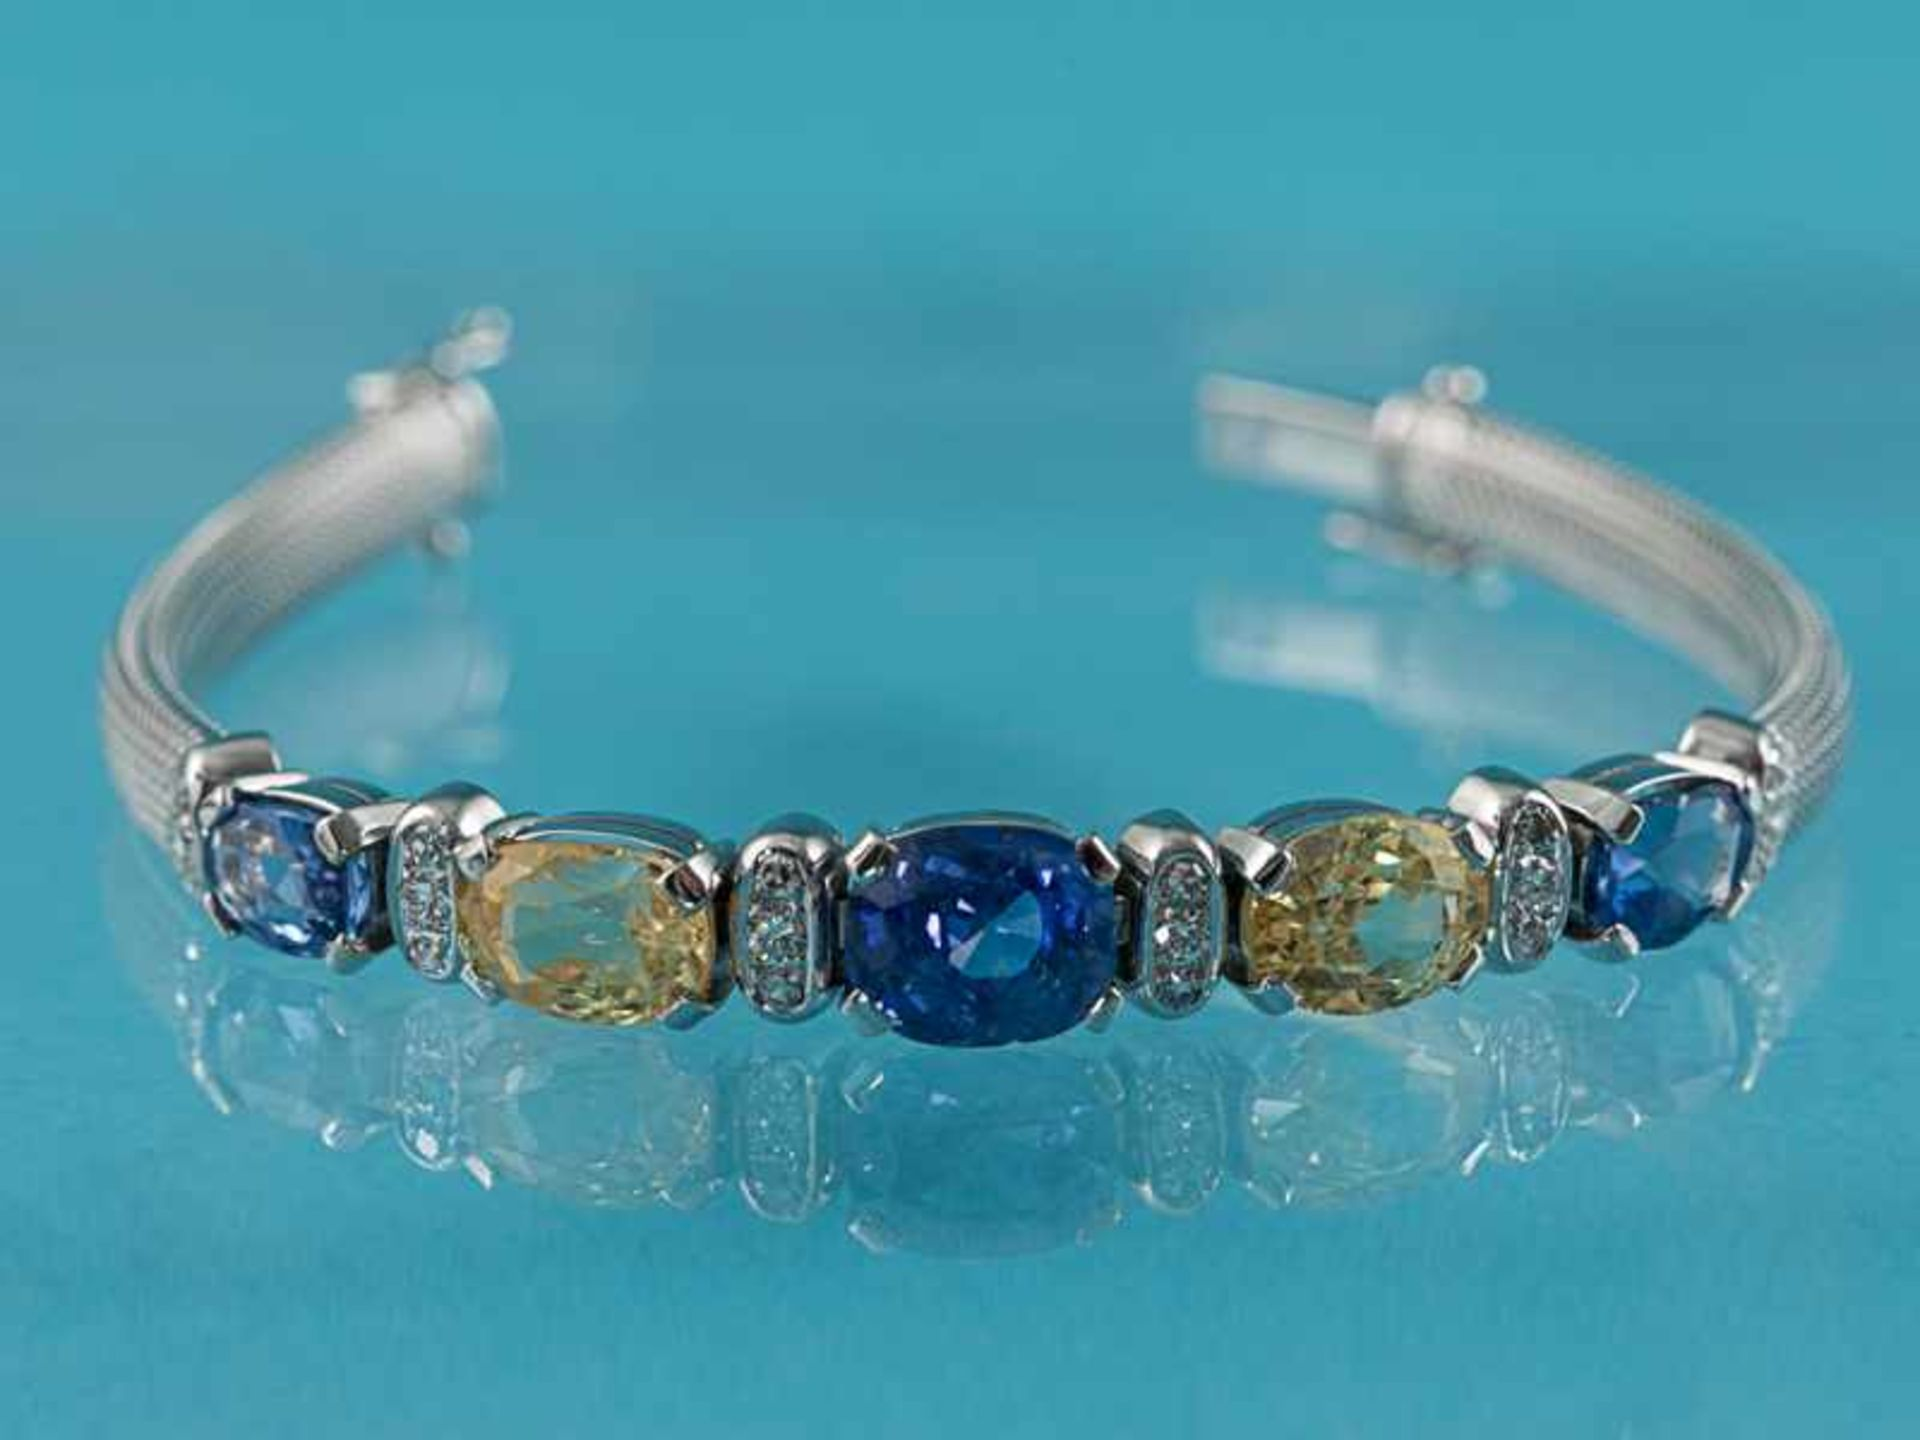 Armband mit gelben und blauen Saphiren, zusammen ca. 13,1 ct und 18 Brillanten, zusammen ca. 0,3 ct,